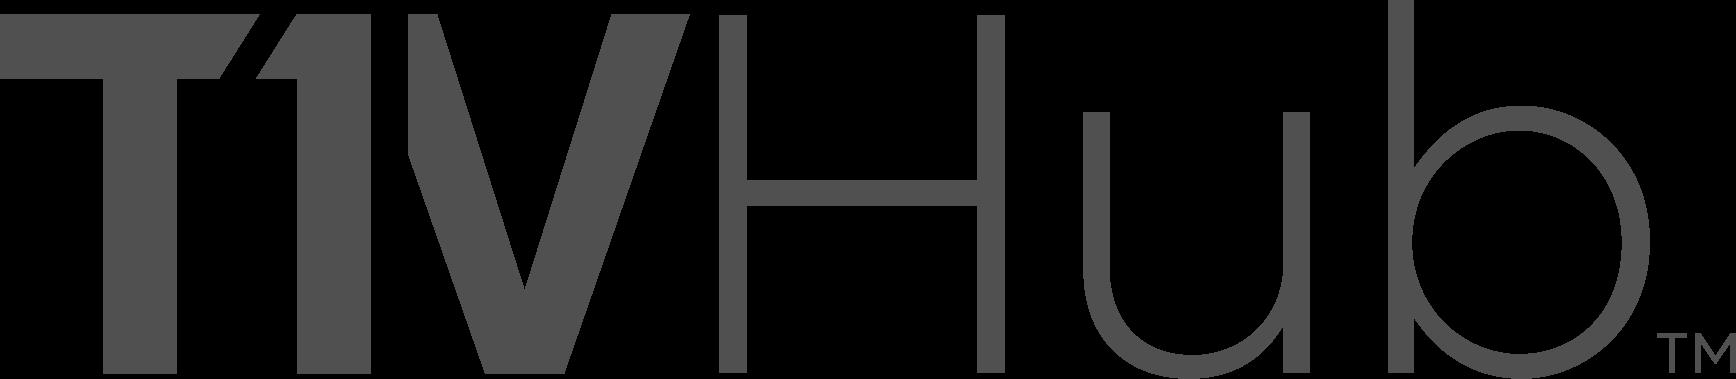 T1V-Hub-Logo-Dark-Grey